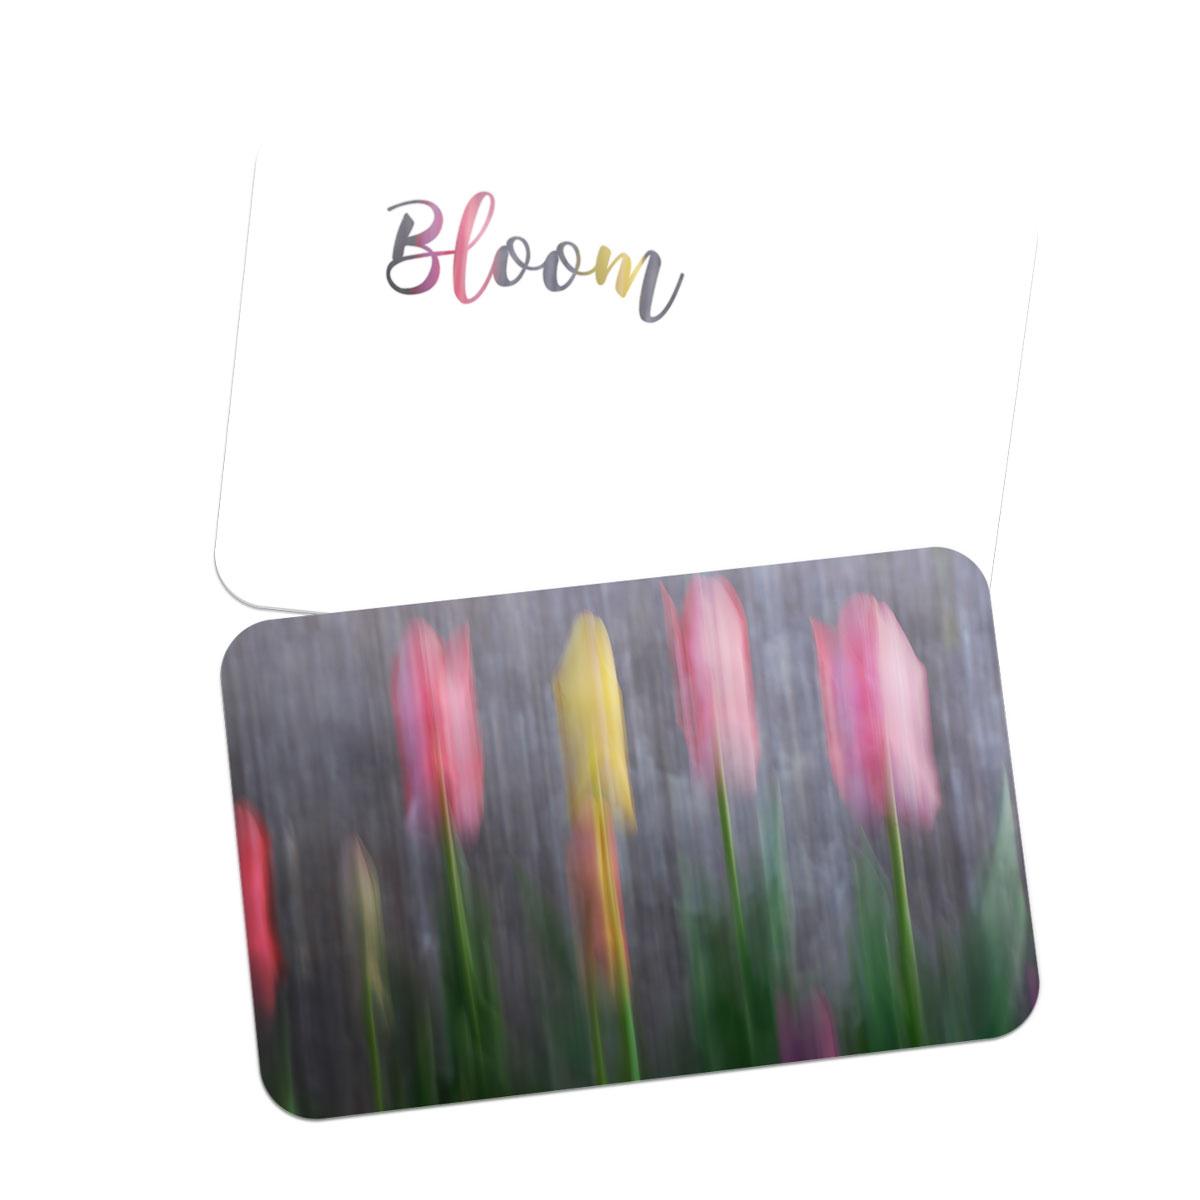 Bloom_Square.jpg